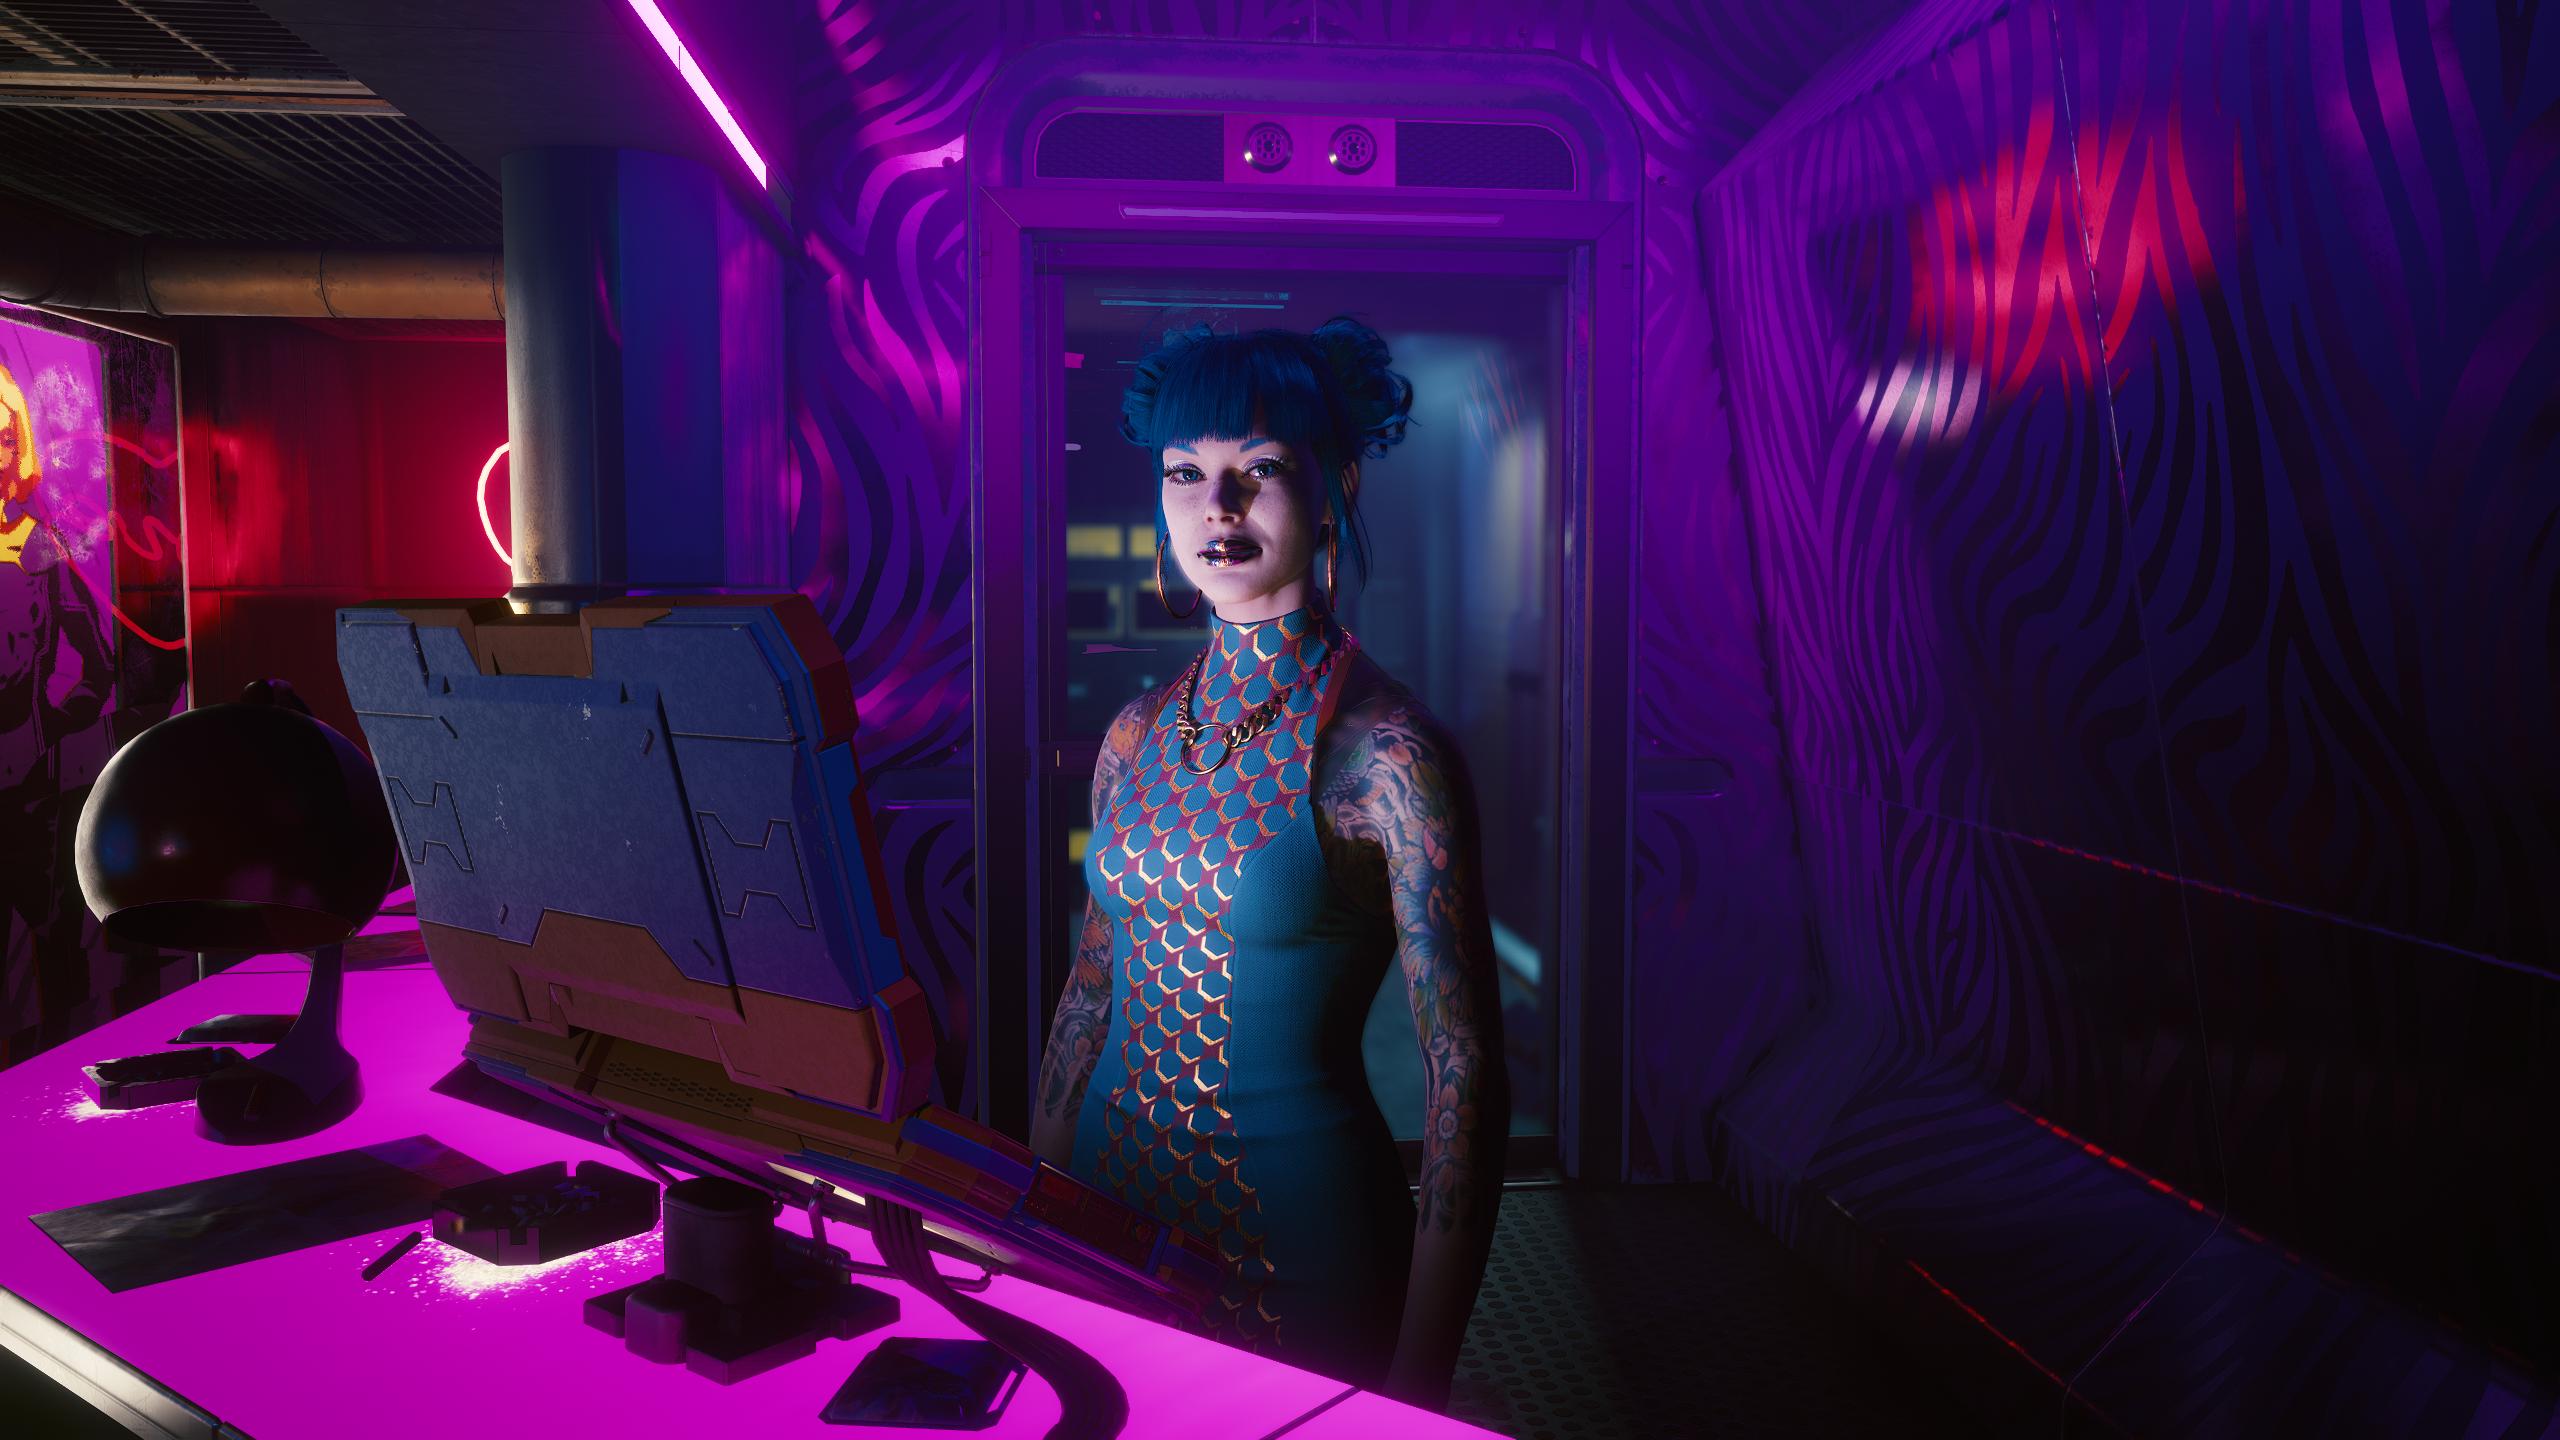 Cyberpunk 2077 Pc Gaming Video Games Women Rtx Nvidia Rtx Cd Projekt Red Wallpaper Resolution 2560x1440 Id 1162672 Wallha Com